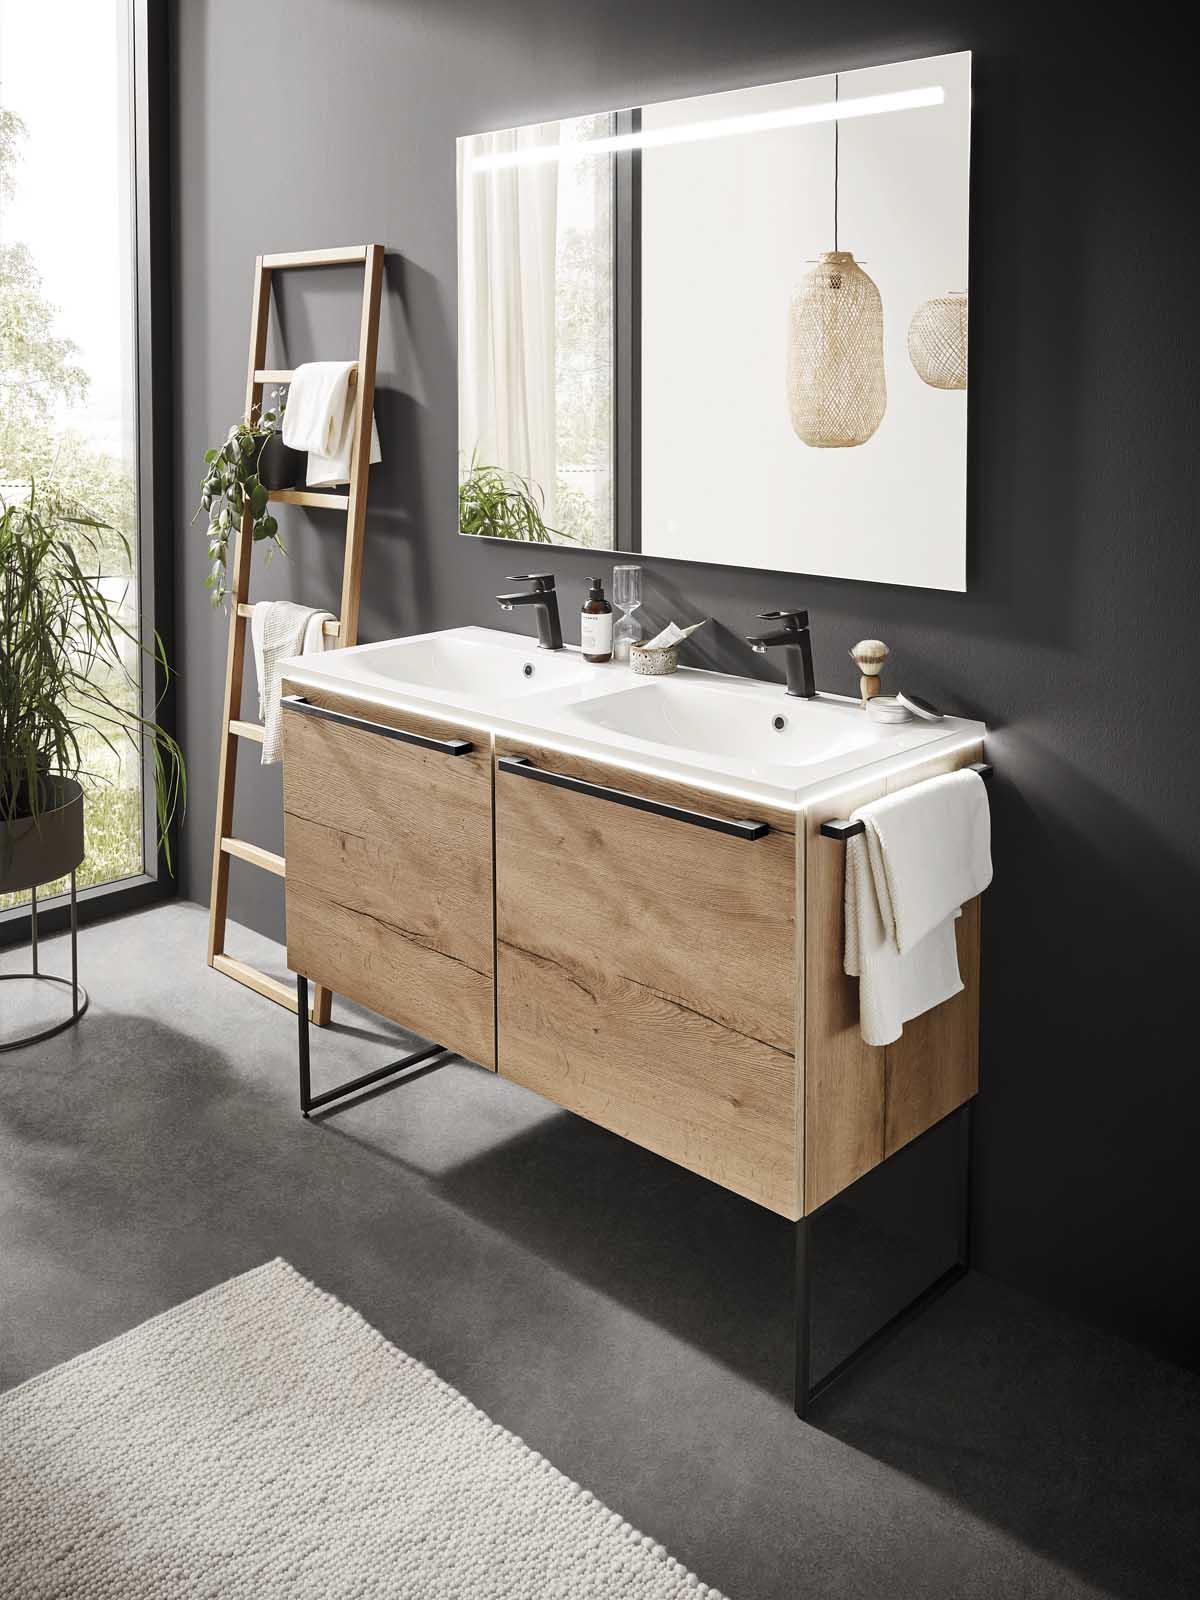 Küchentime Structura 405 - Bathroom